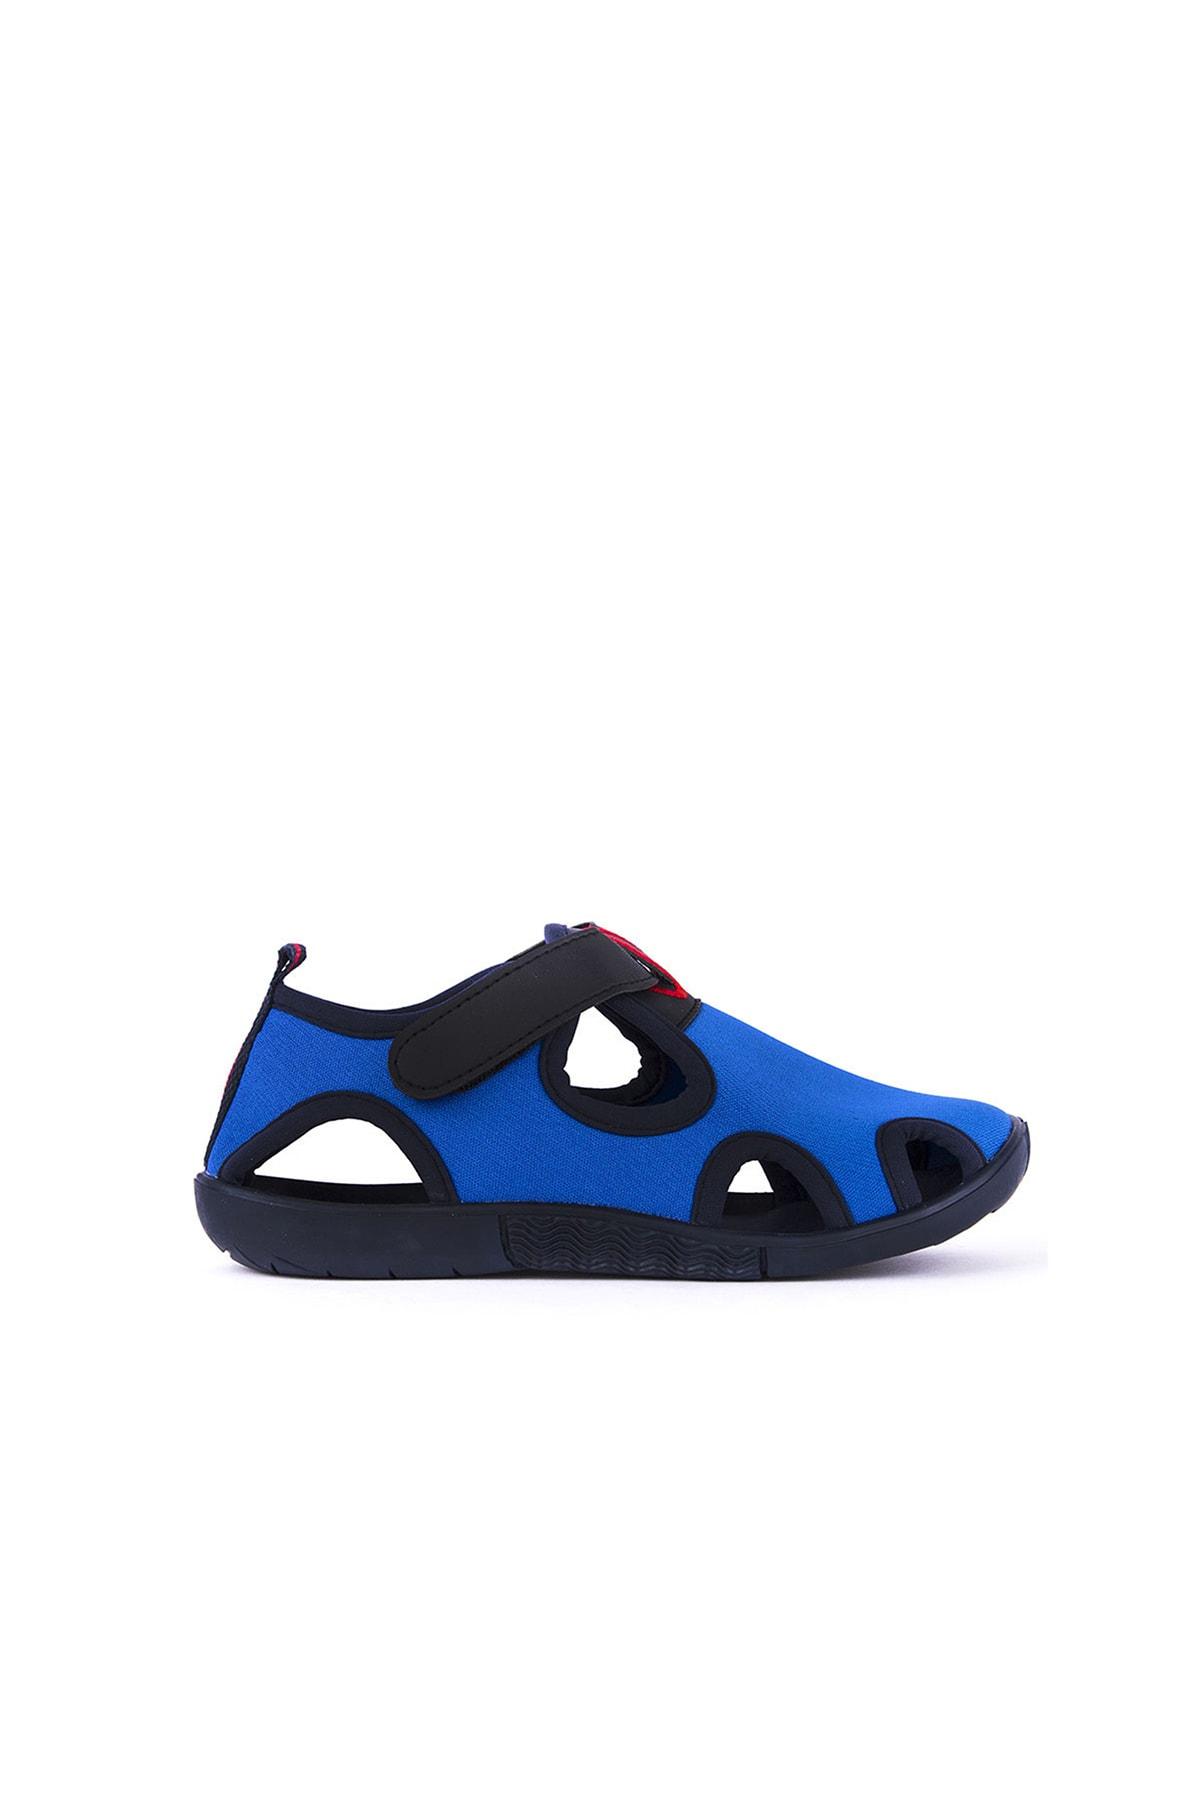 Unnı Çocuk Sandalet Saks Mavi Sa11lp070